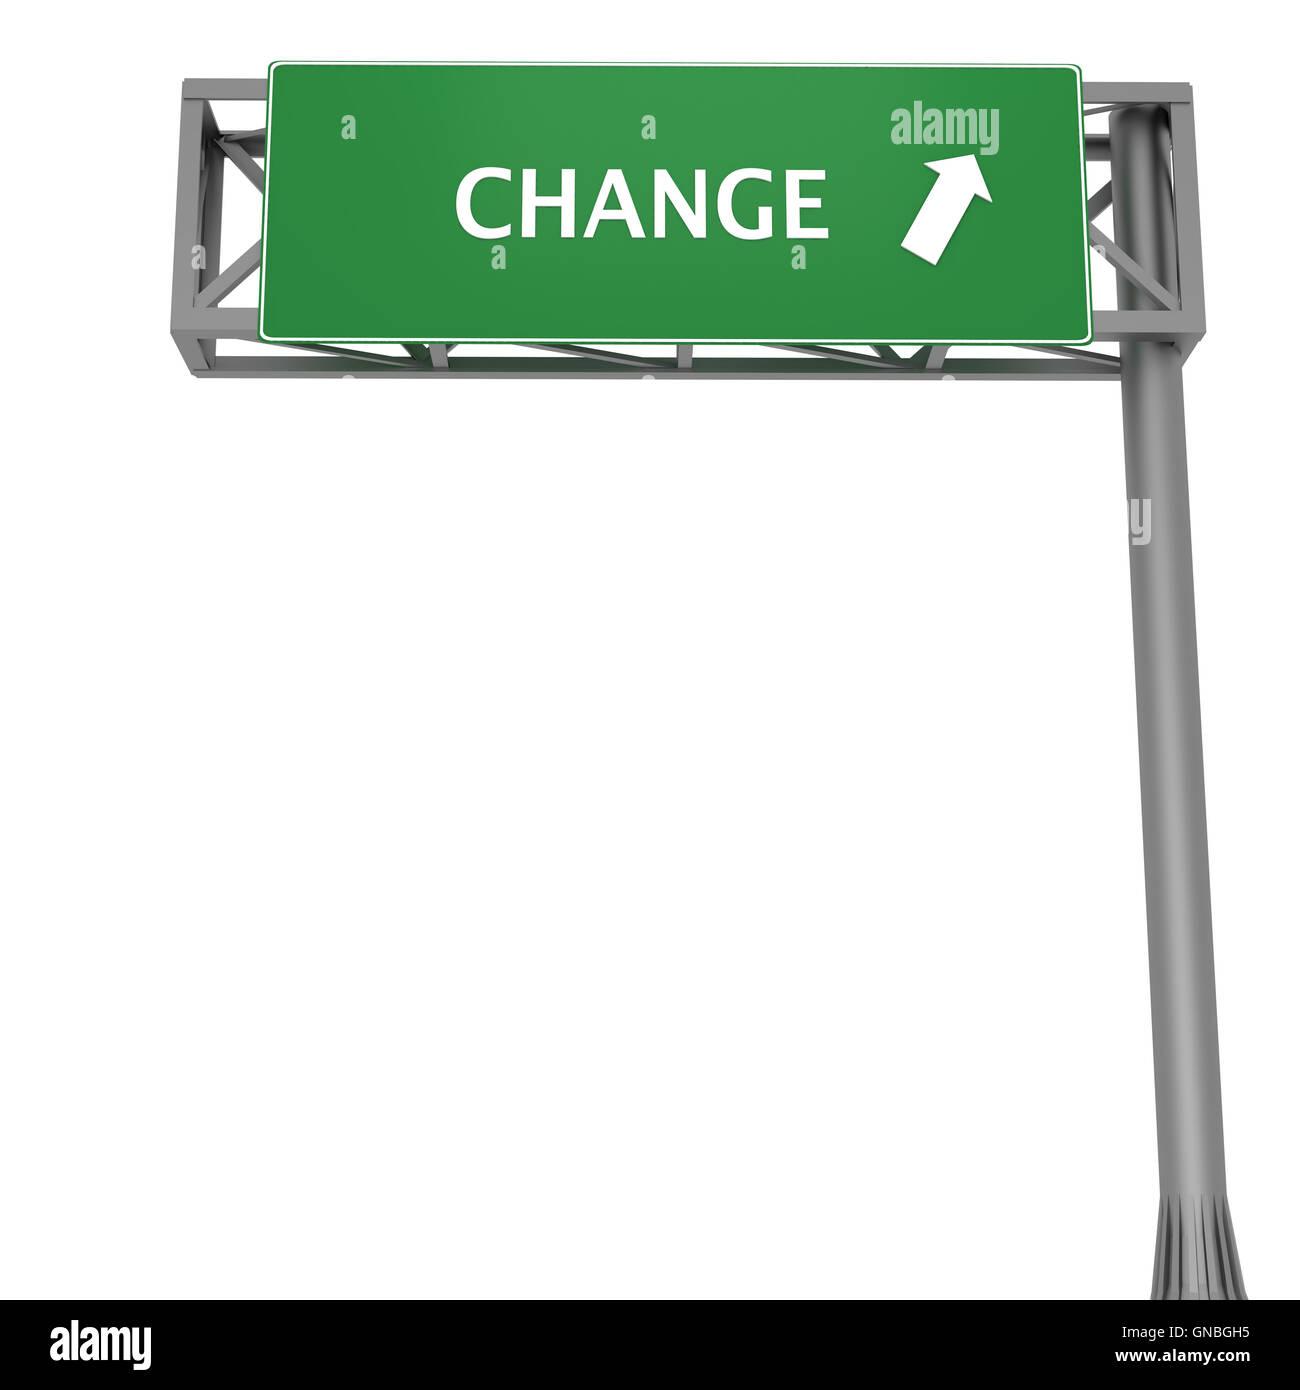 Change signboard - Stock Image